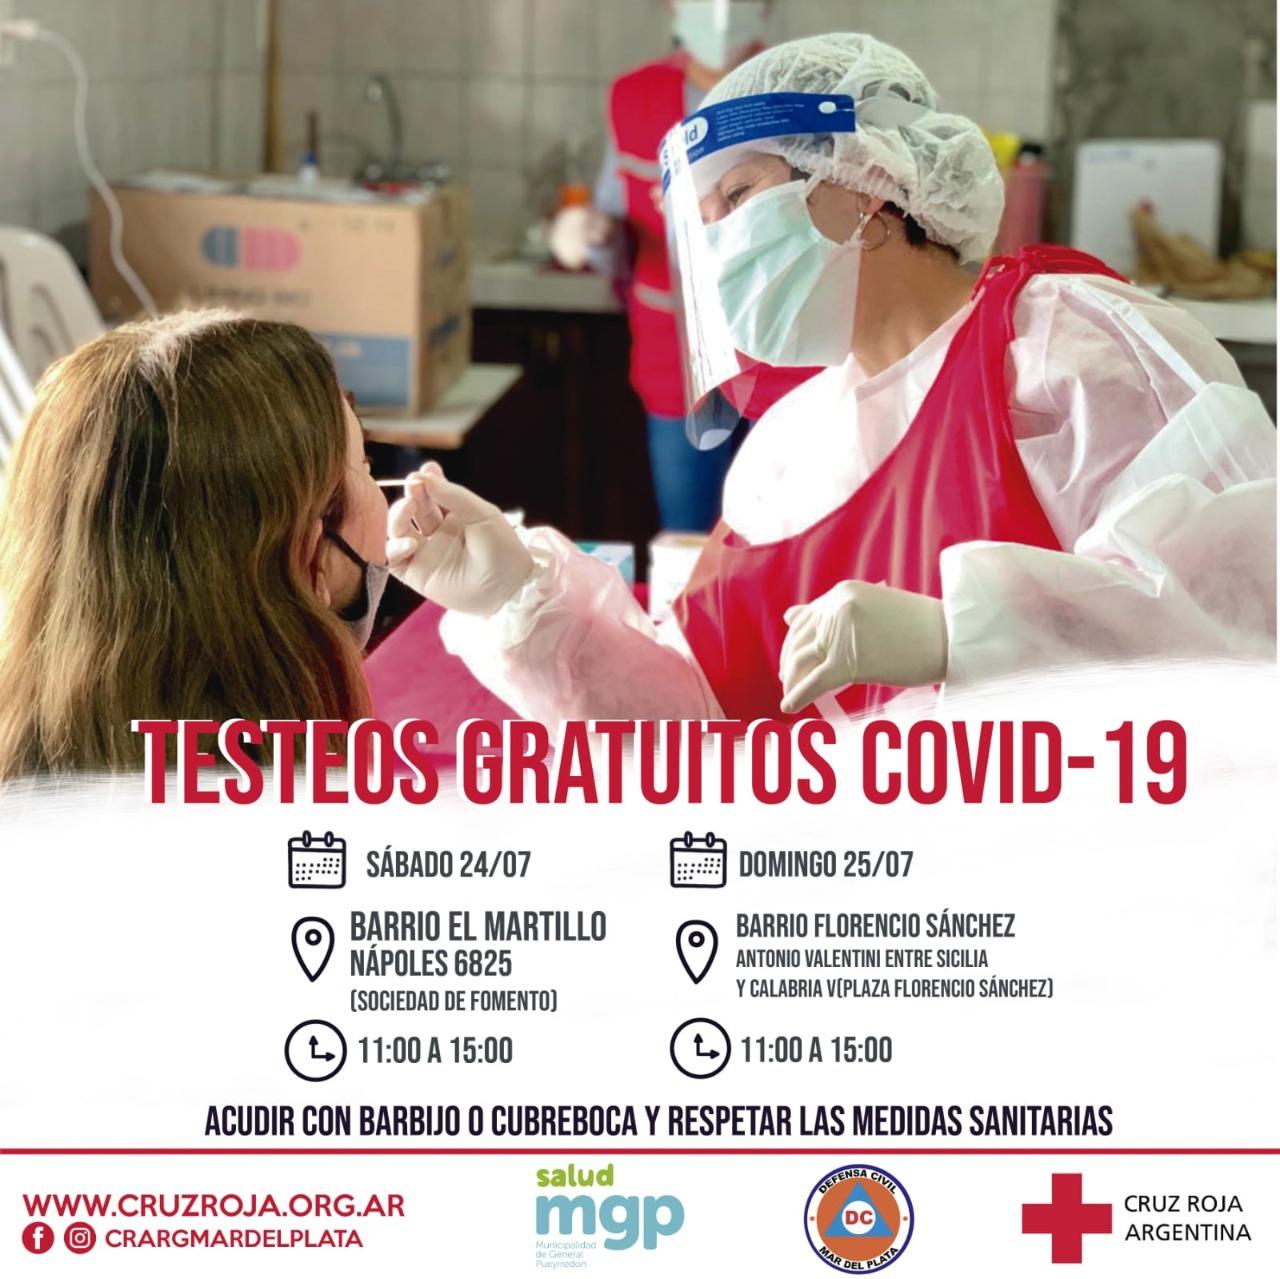 Cruz Roja realizará jornadas gratuitas de testeos en El Martillo y Florencio Sánchez